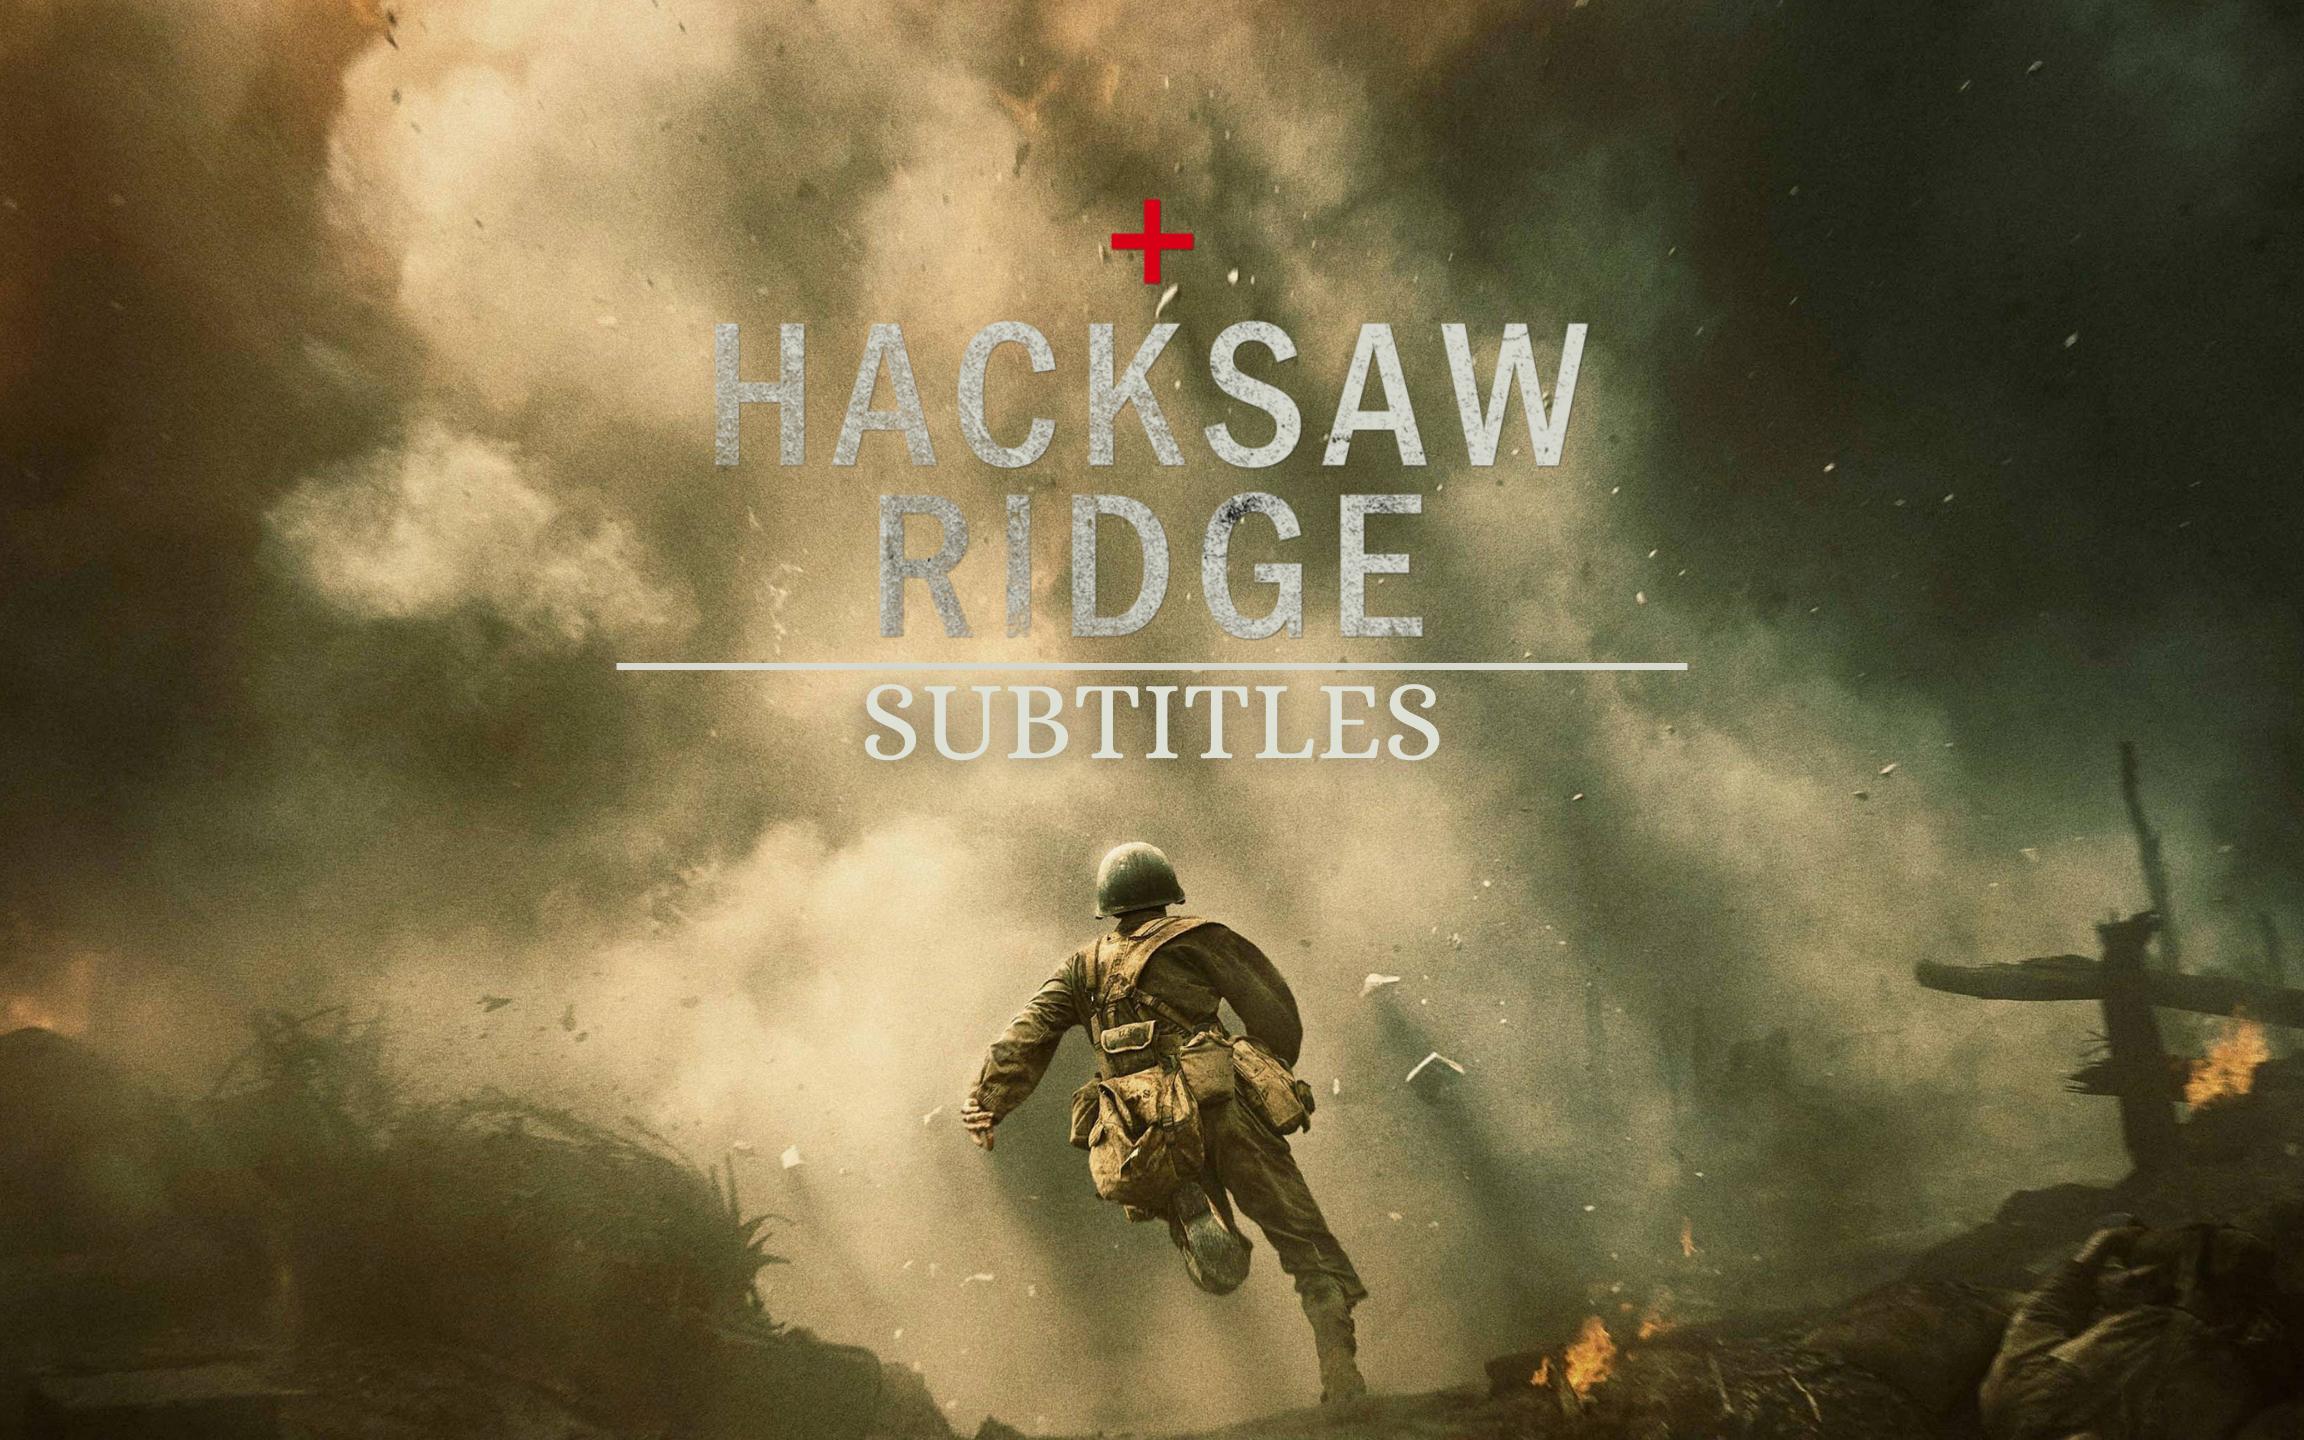 Hacksaw Ridge 2016 English Subtitle Download Subtitles Srt Download